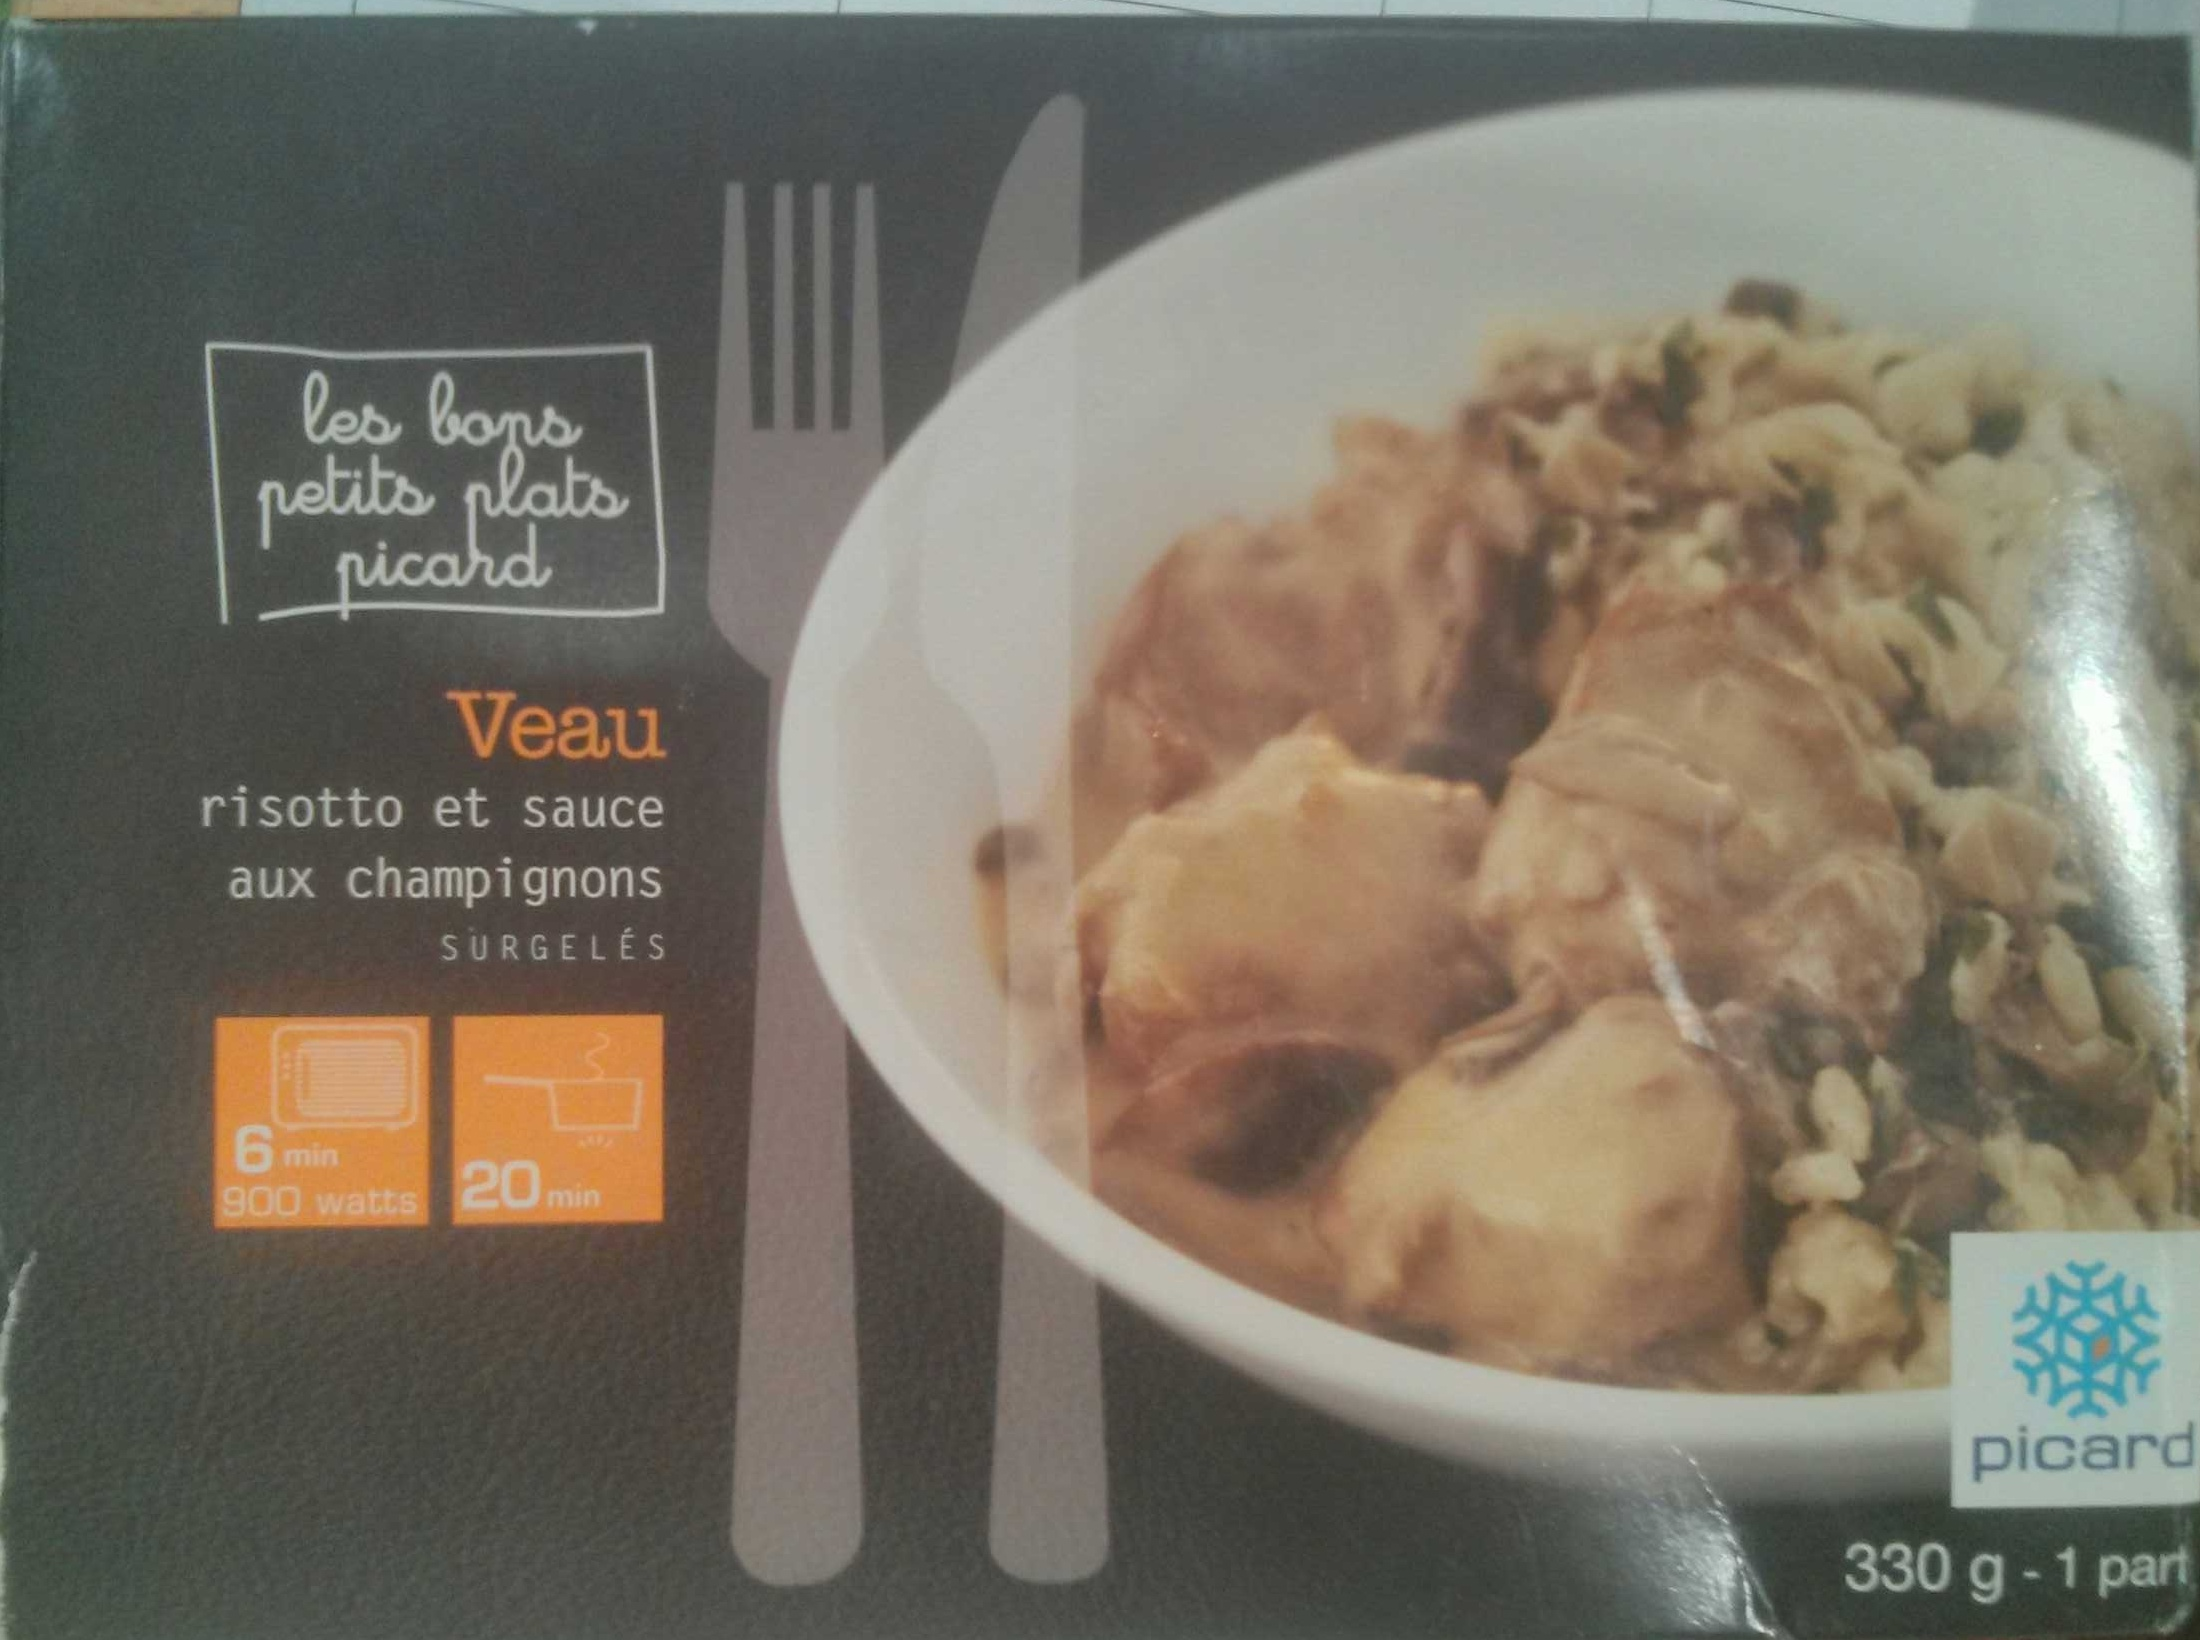 Veau risotto et sauce aux champignons - Product - fr